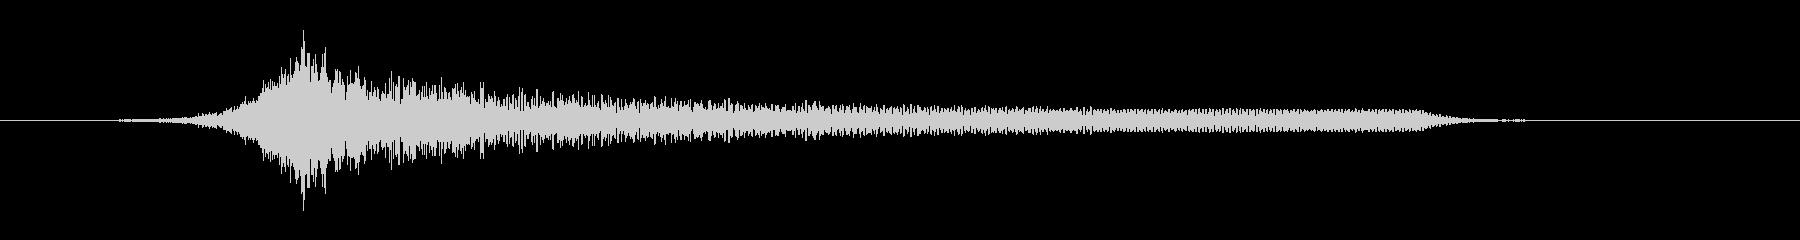 シューッ → 爆発_01の未再生の波形